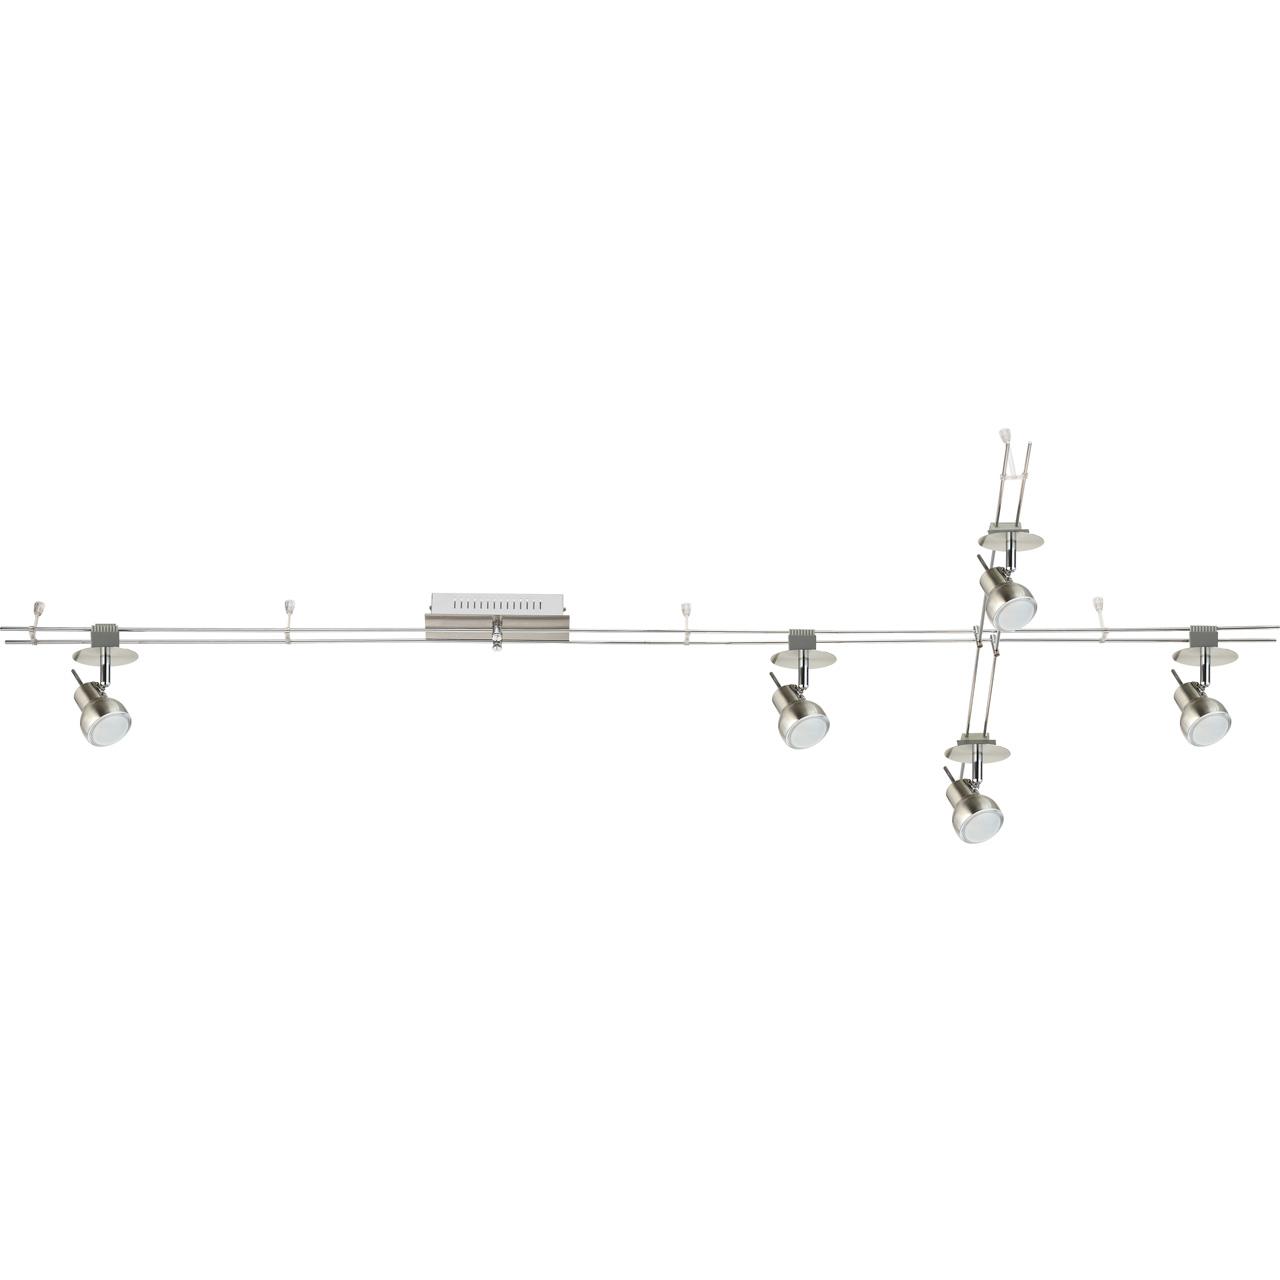 Светильник-трек De markt 550011605 5/4w led светильник трек de markt 550011605 5 4w led